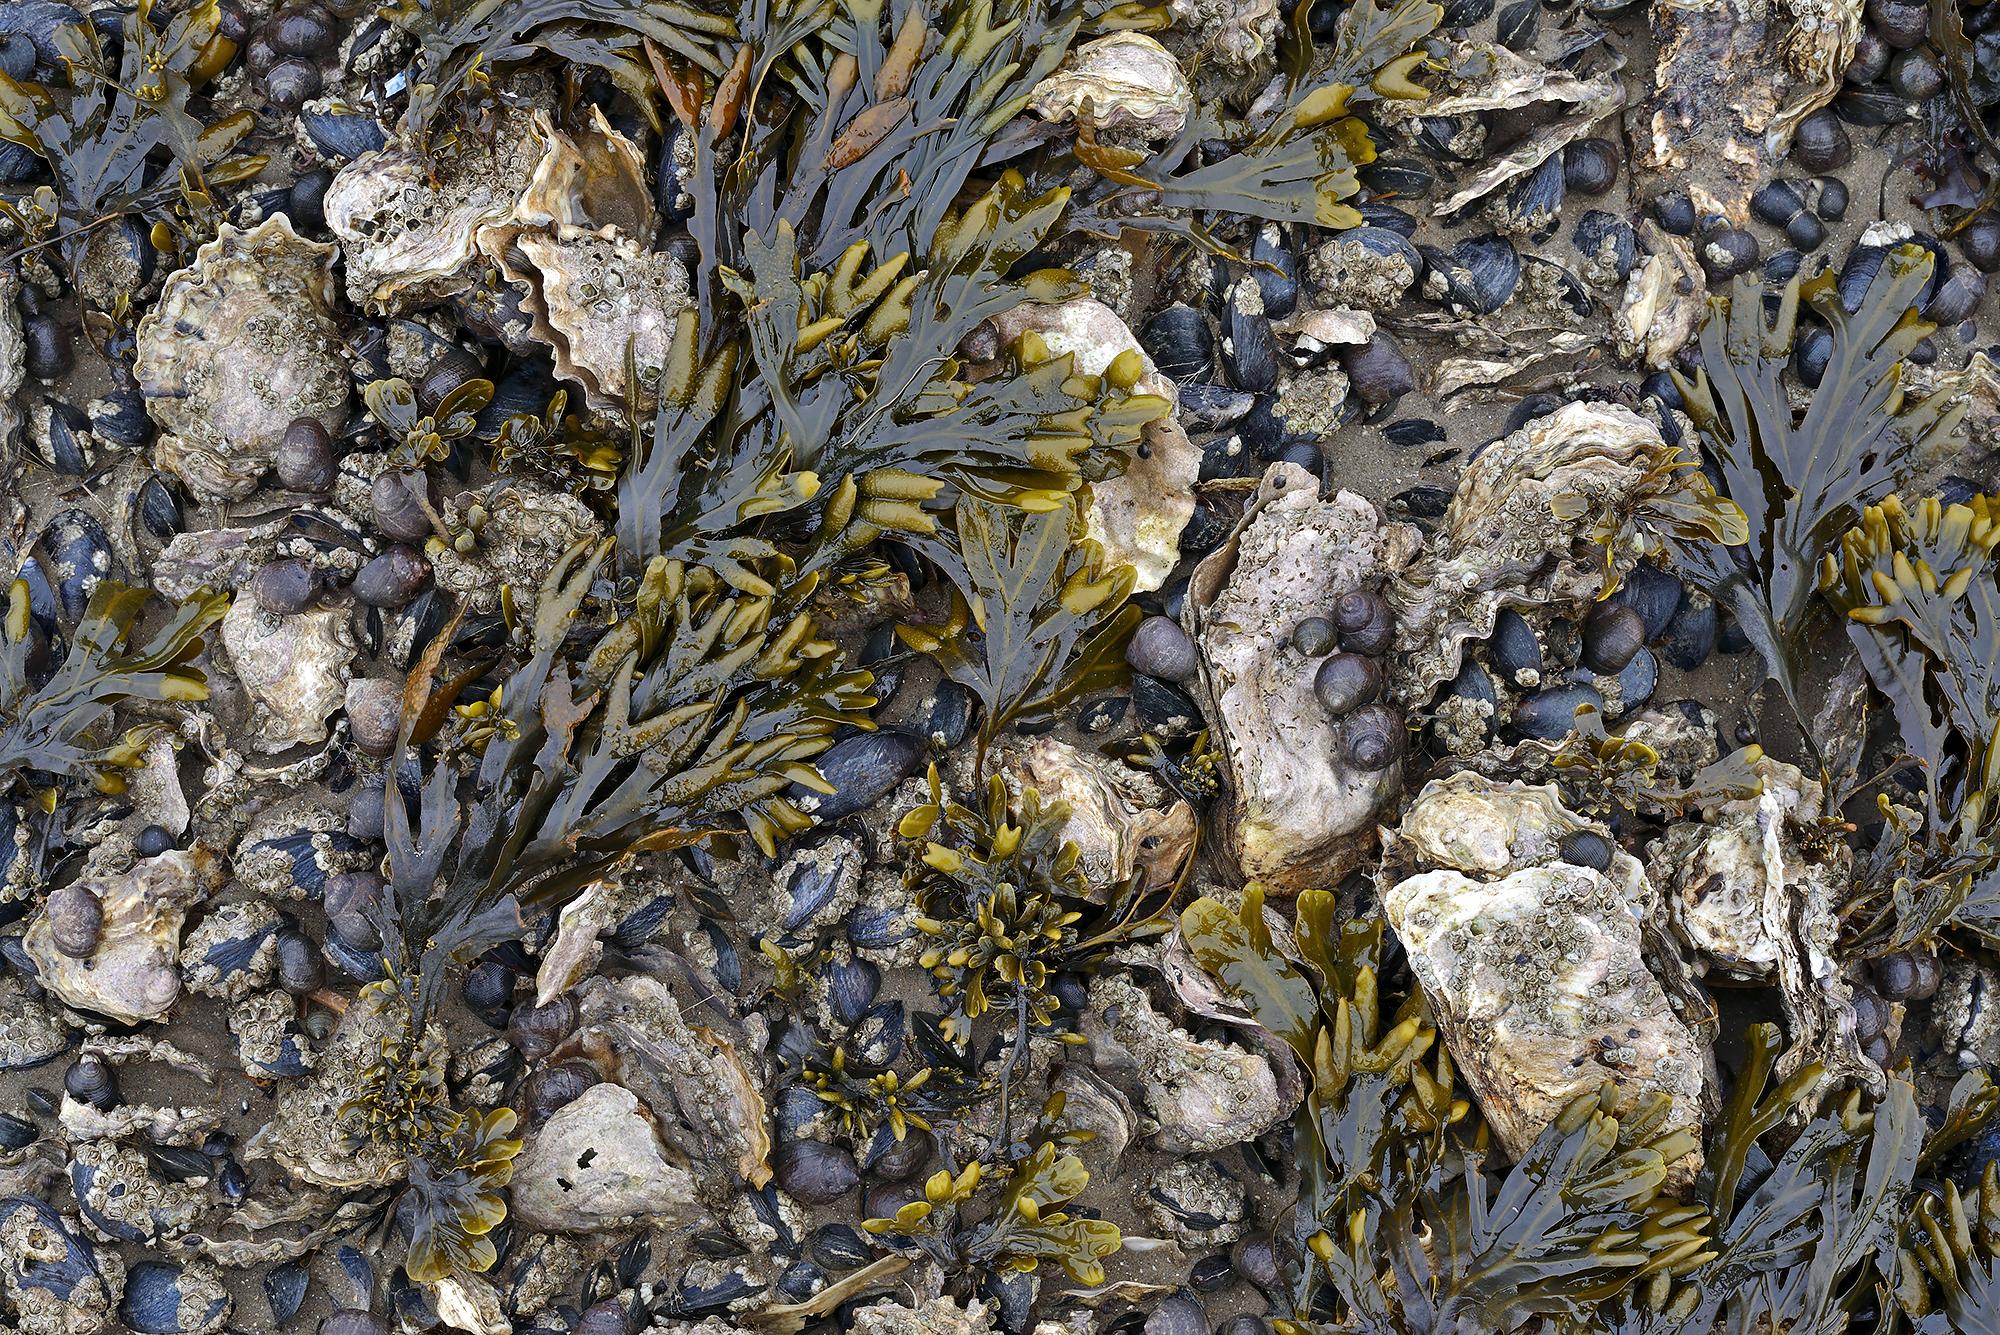 Drooggevallen oesters, mosselen, alikruiken en wieren op een kleine oesterbank tijdens laagwater in de Waddenzee bij Texel.